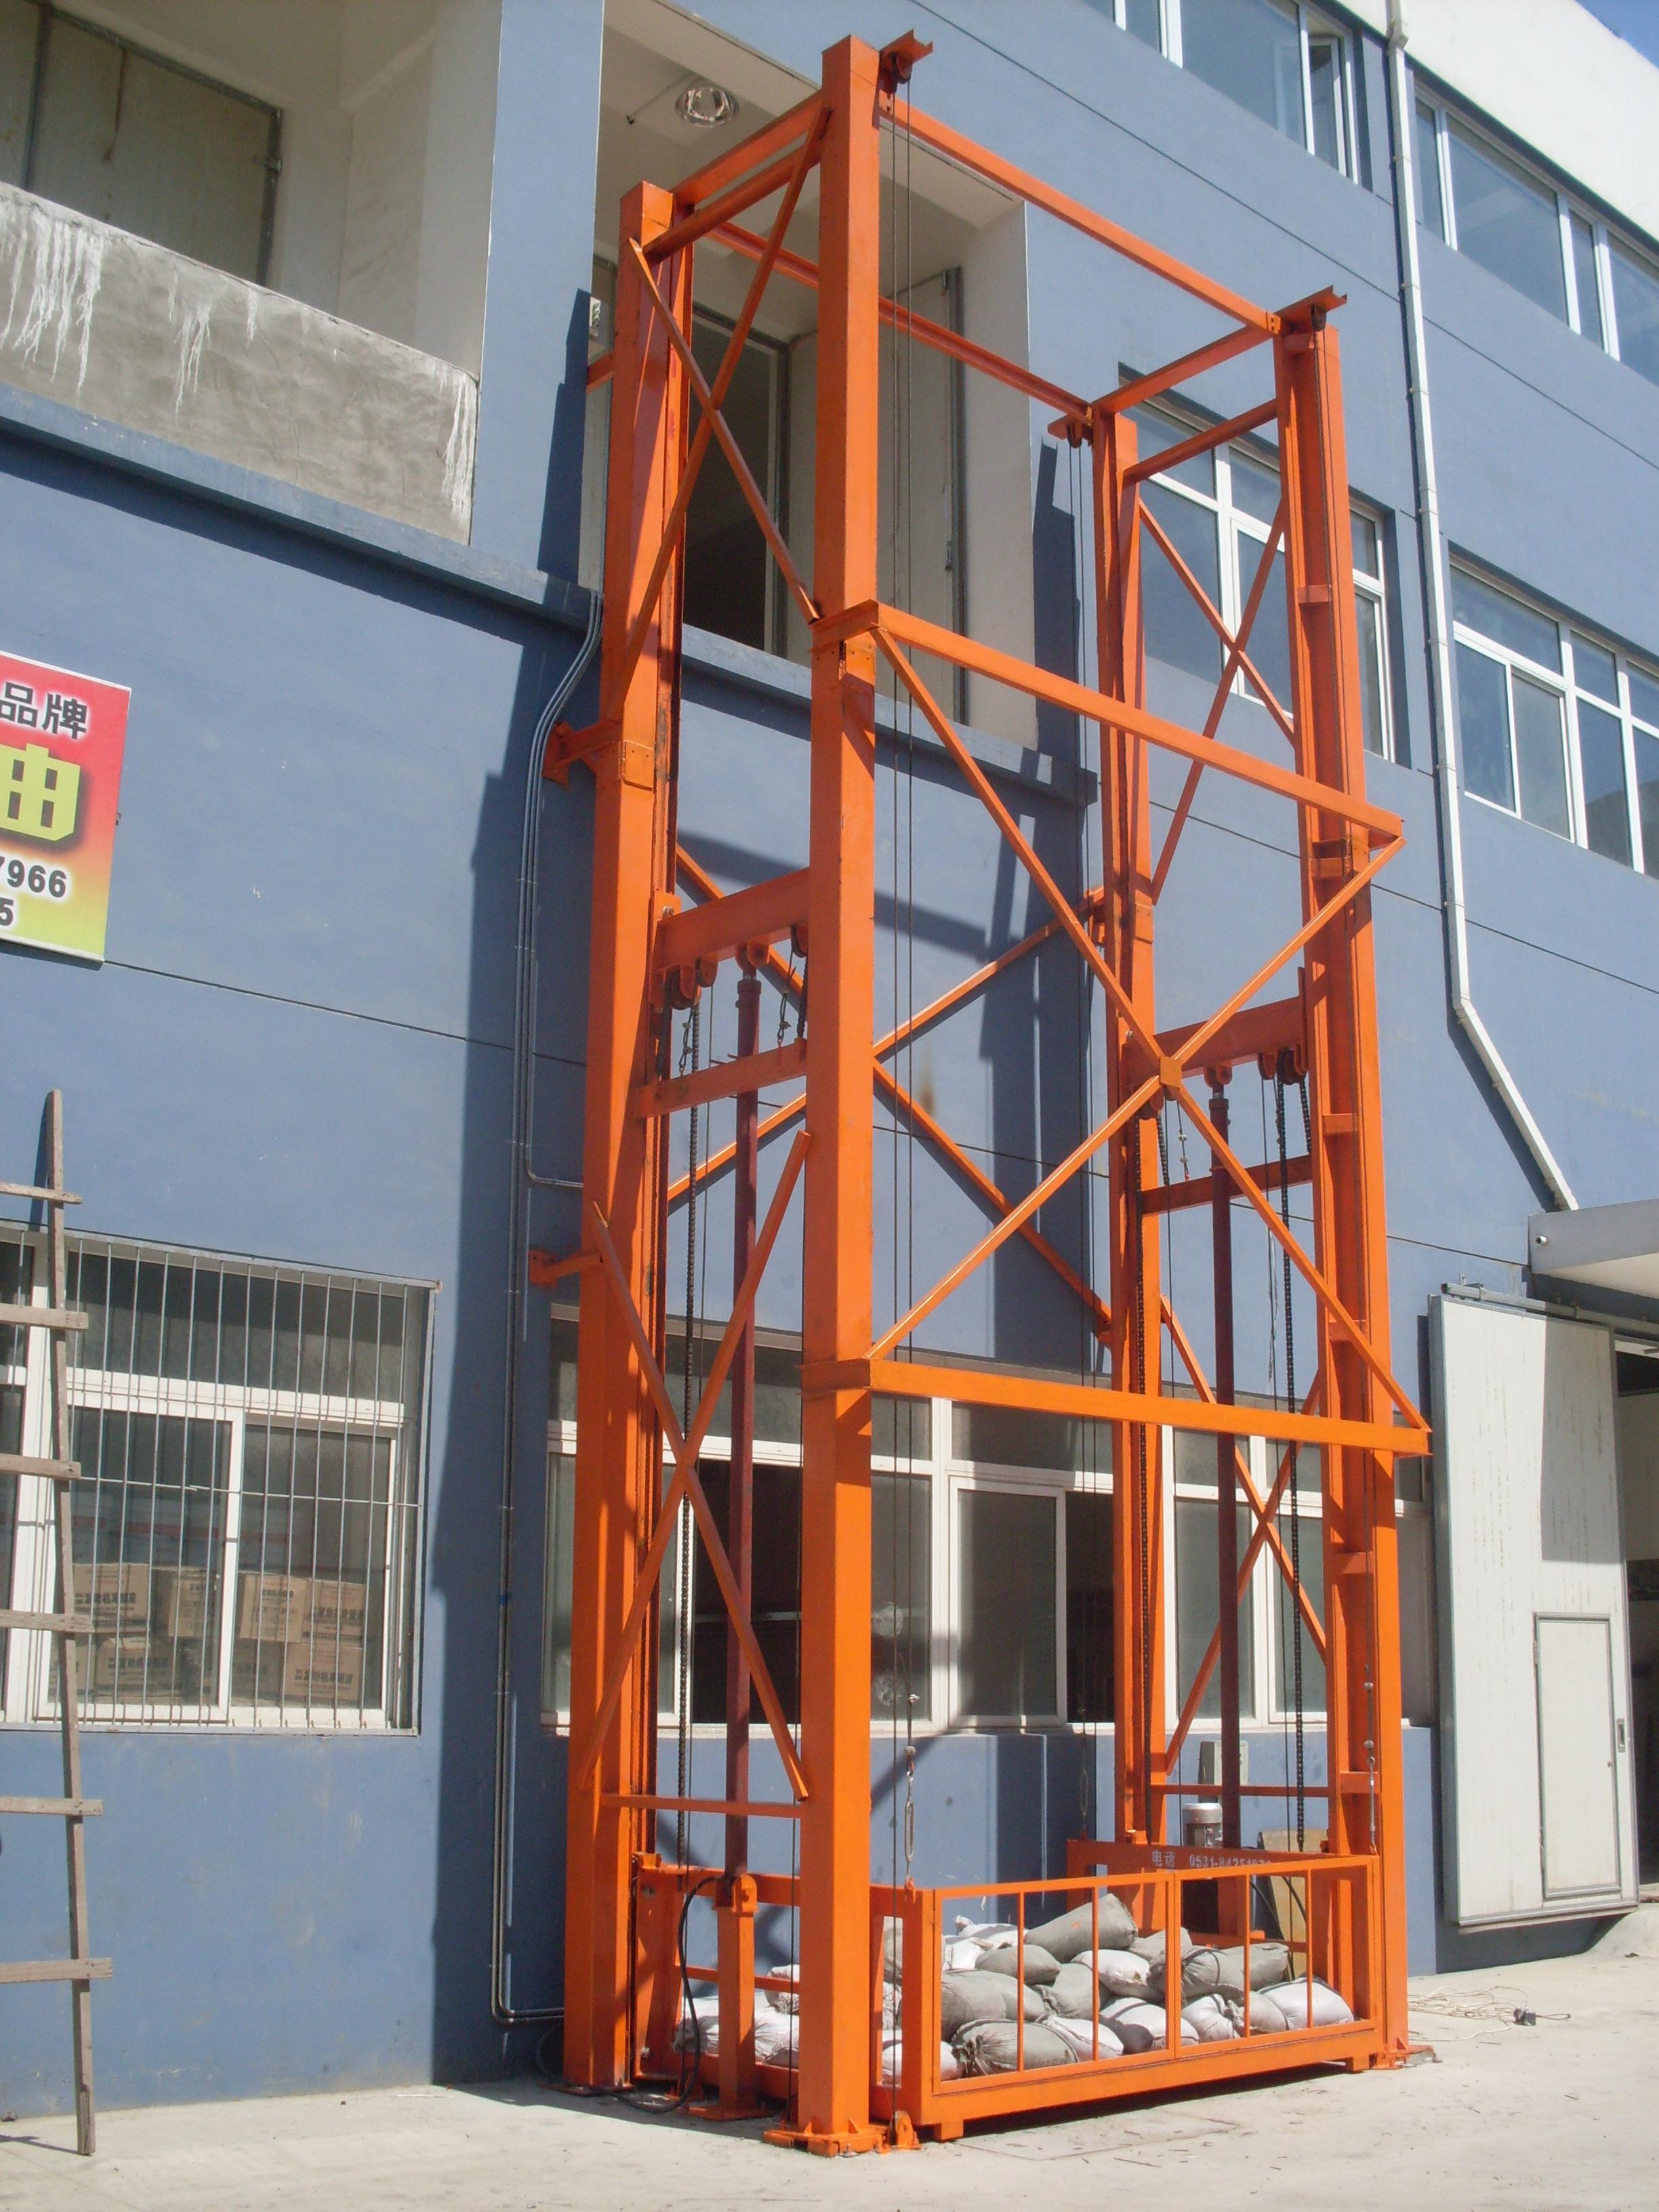 一般液压升降机生产周期为15个工作日,安装5个工作日,免费保养一年,经图片